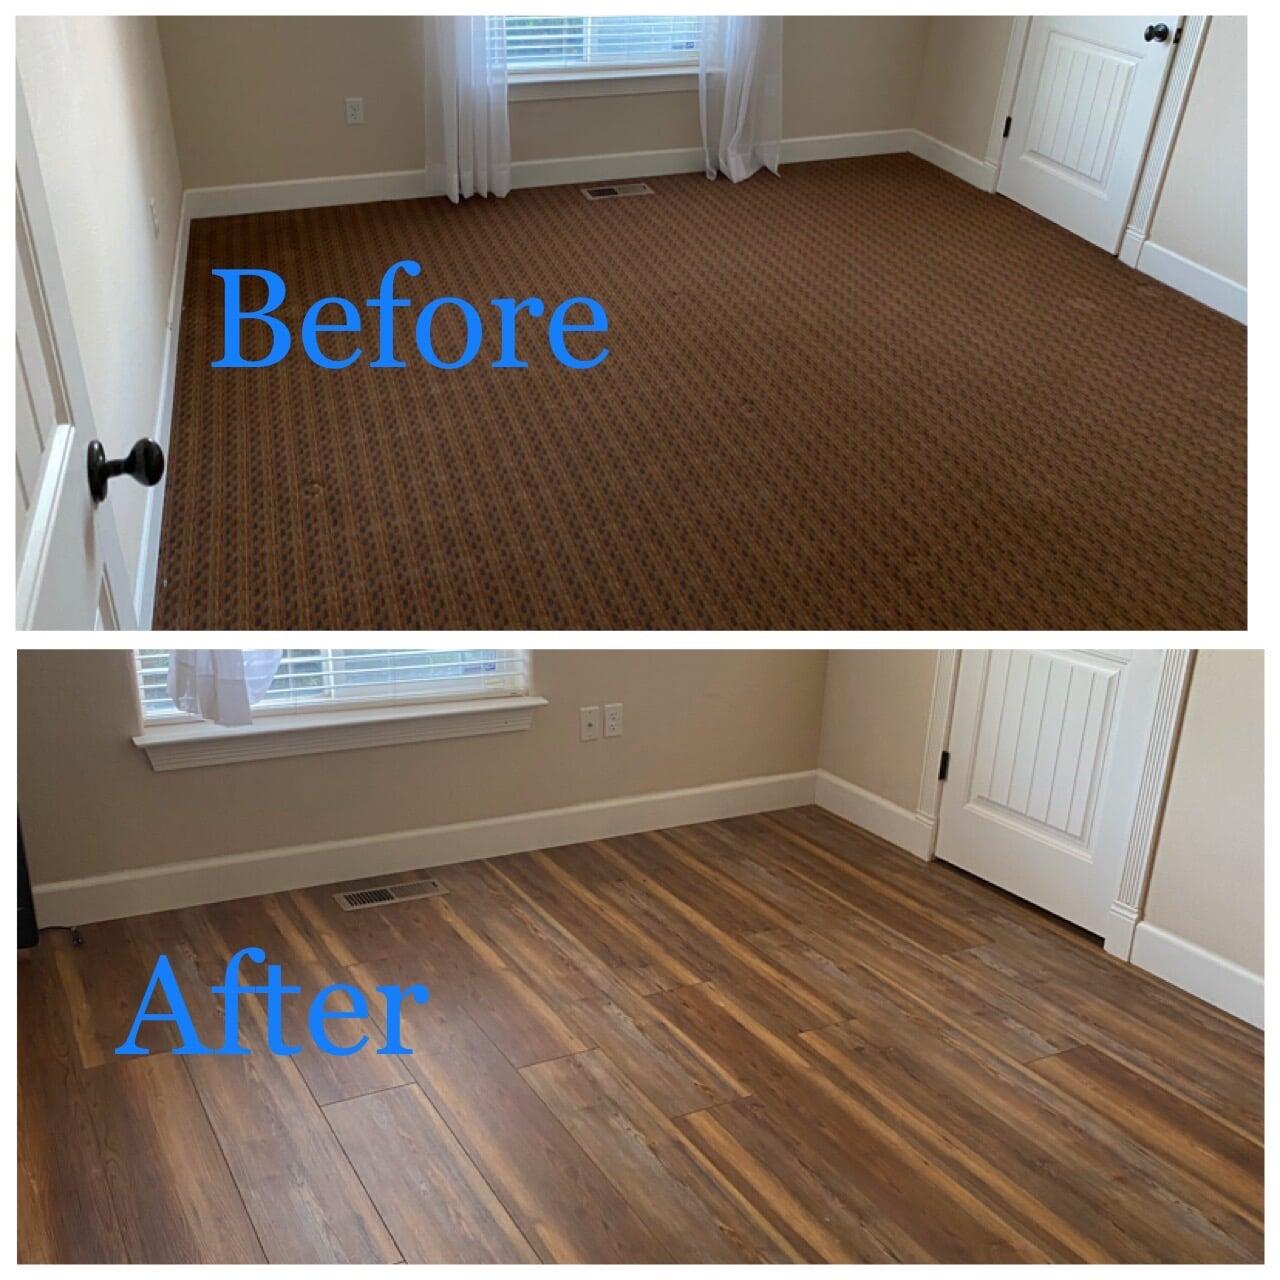 Hardwood flooring from Carpet King Interiors in Reno, NV